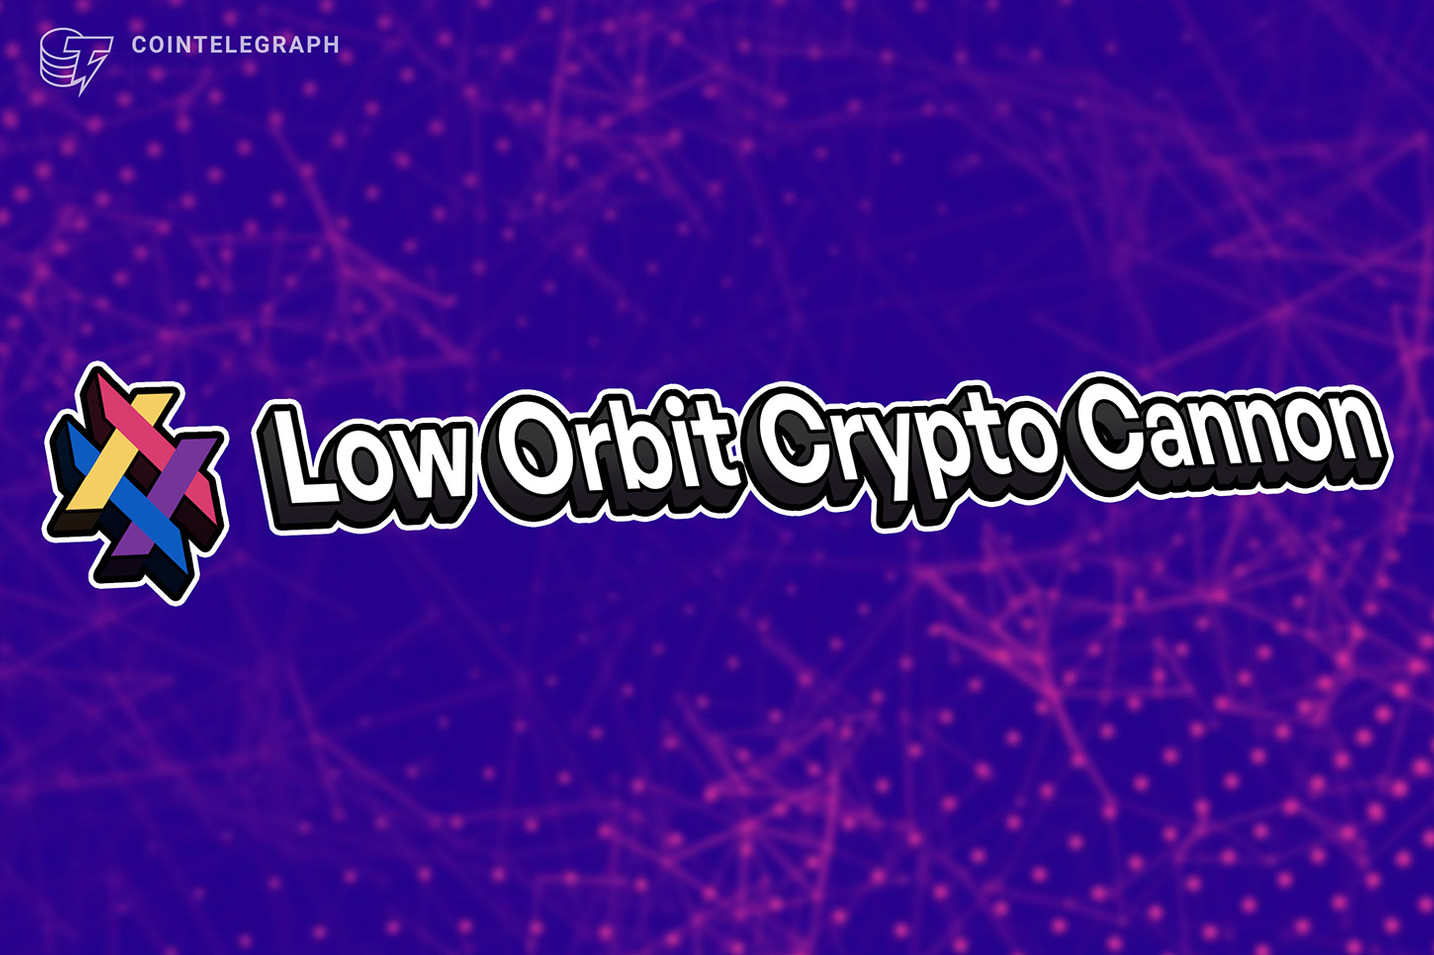 Low Orbit Crypto Cannon (LOCC), spiegato semplicemente: pronto per andare in orbita?